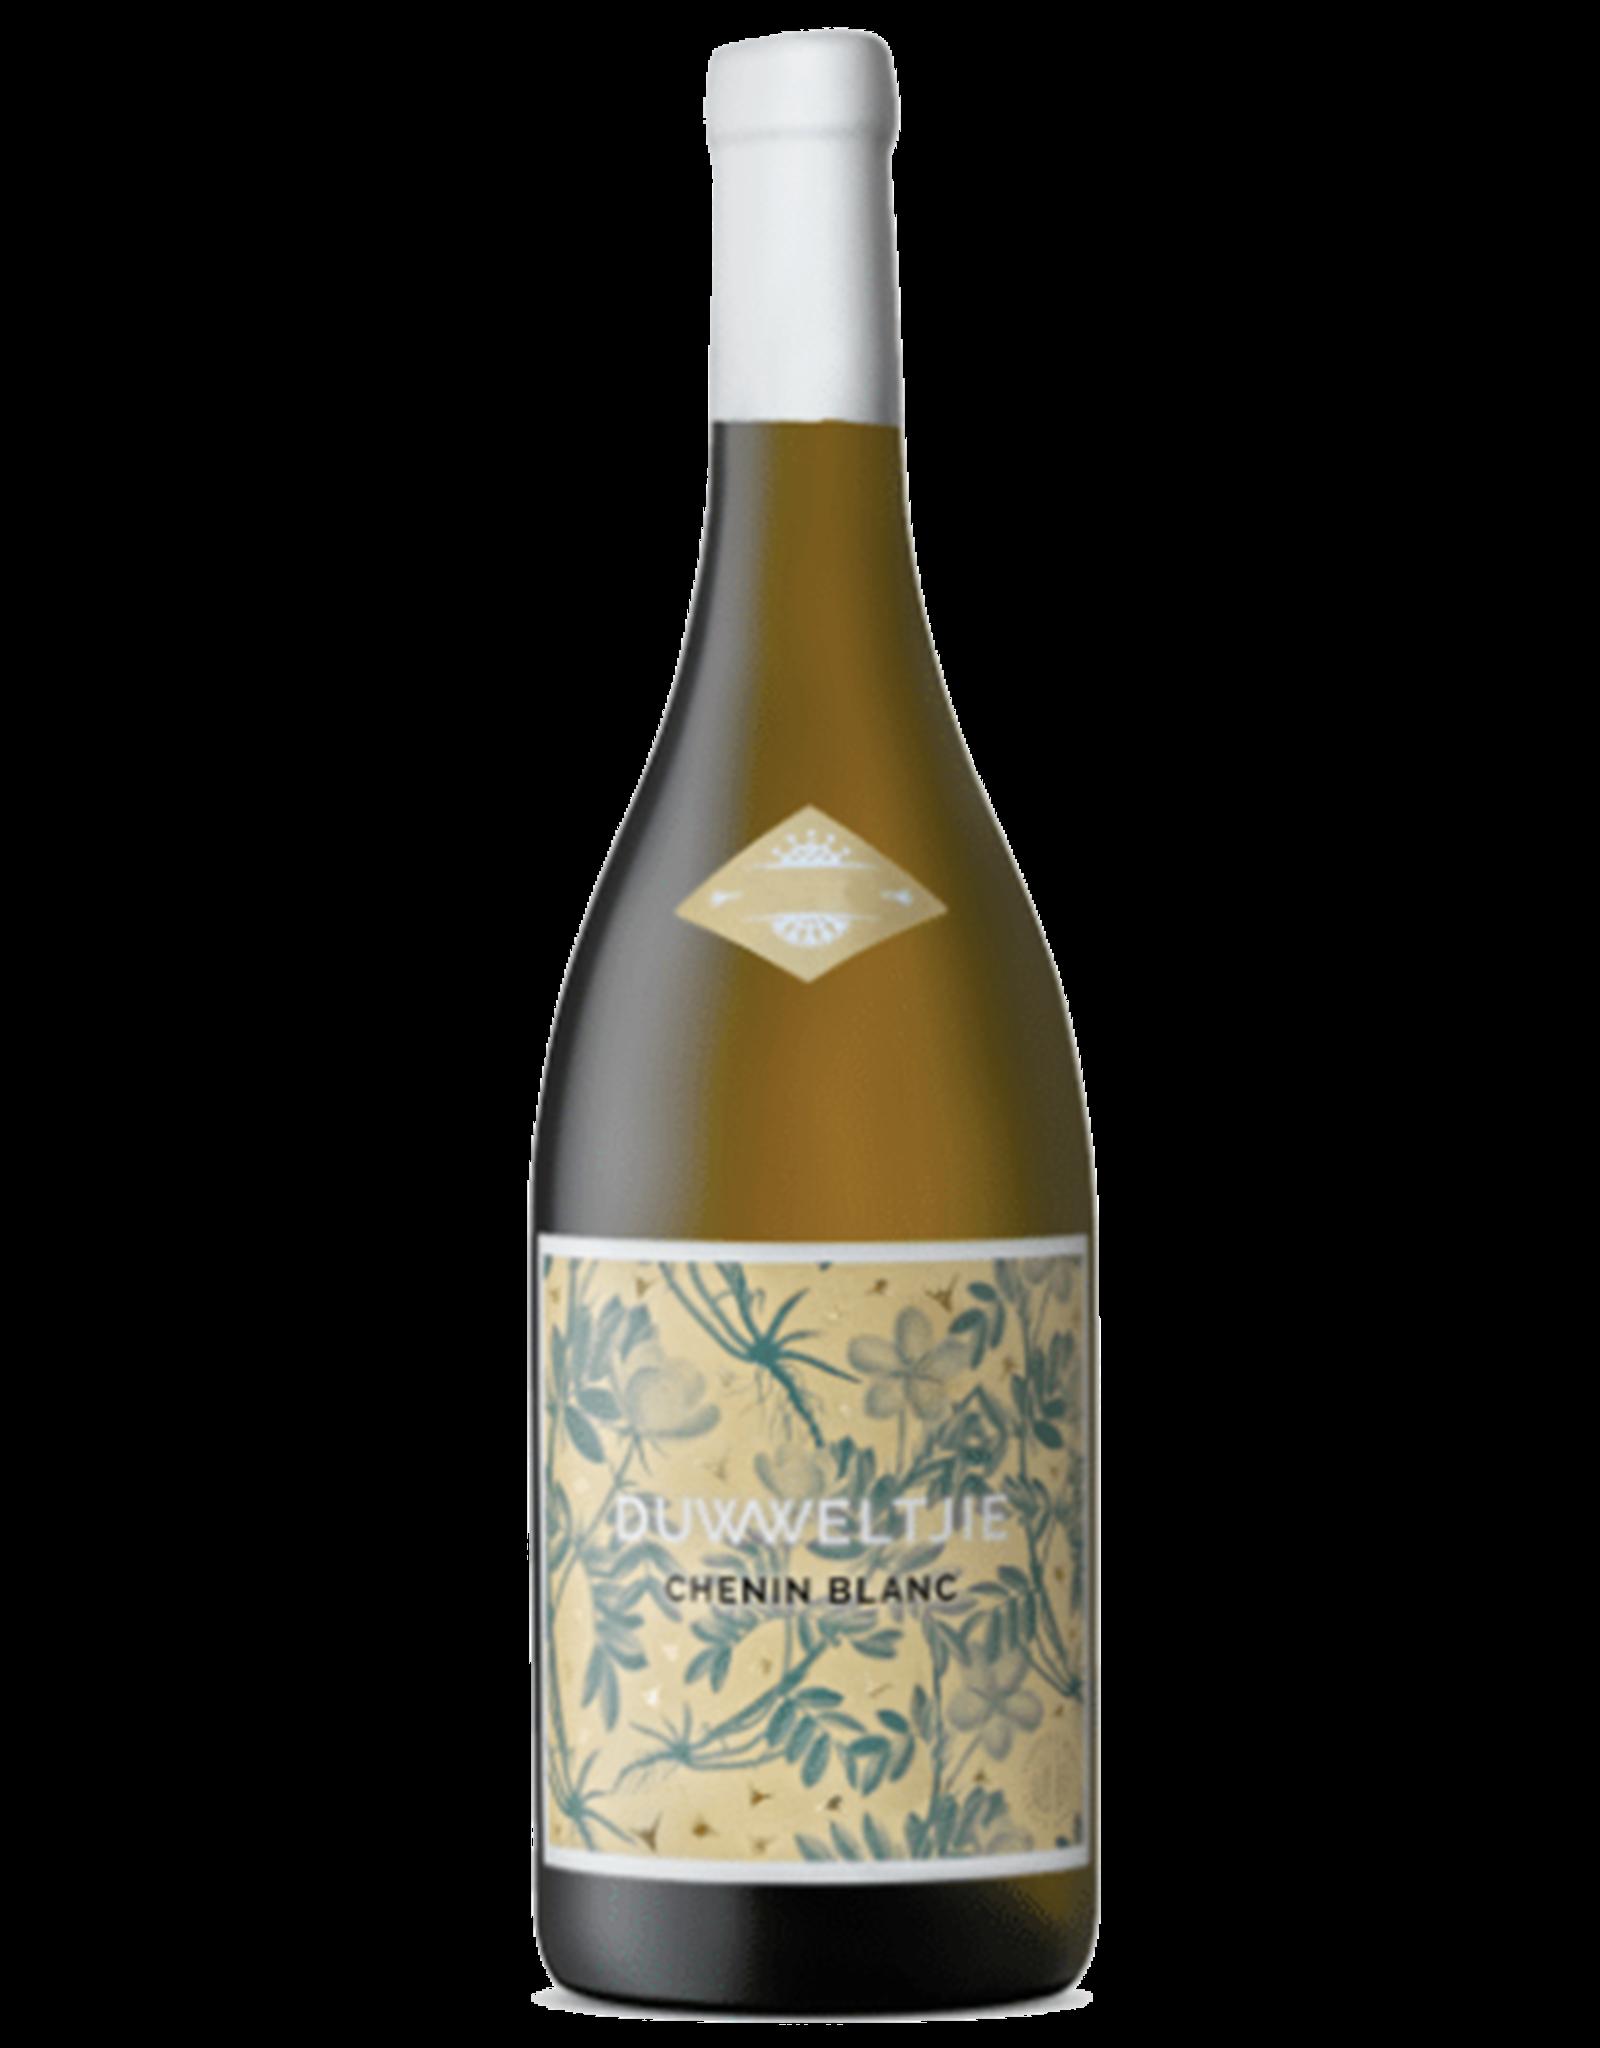 Thistle & Weed 'Duwweltjie' Chenin Blanc